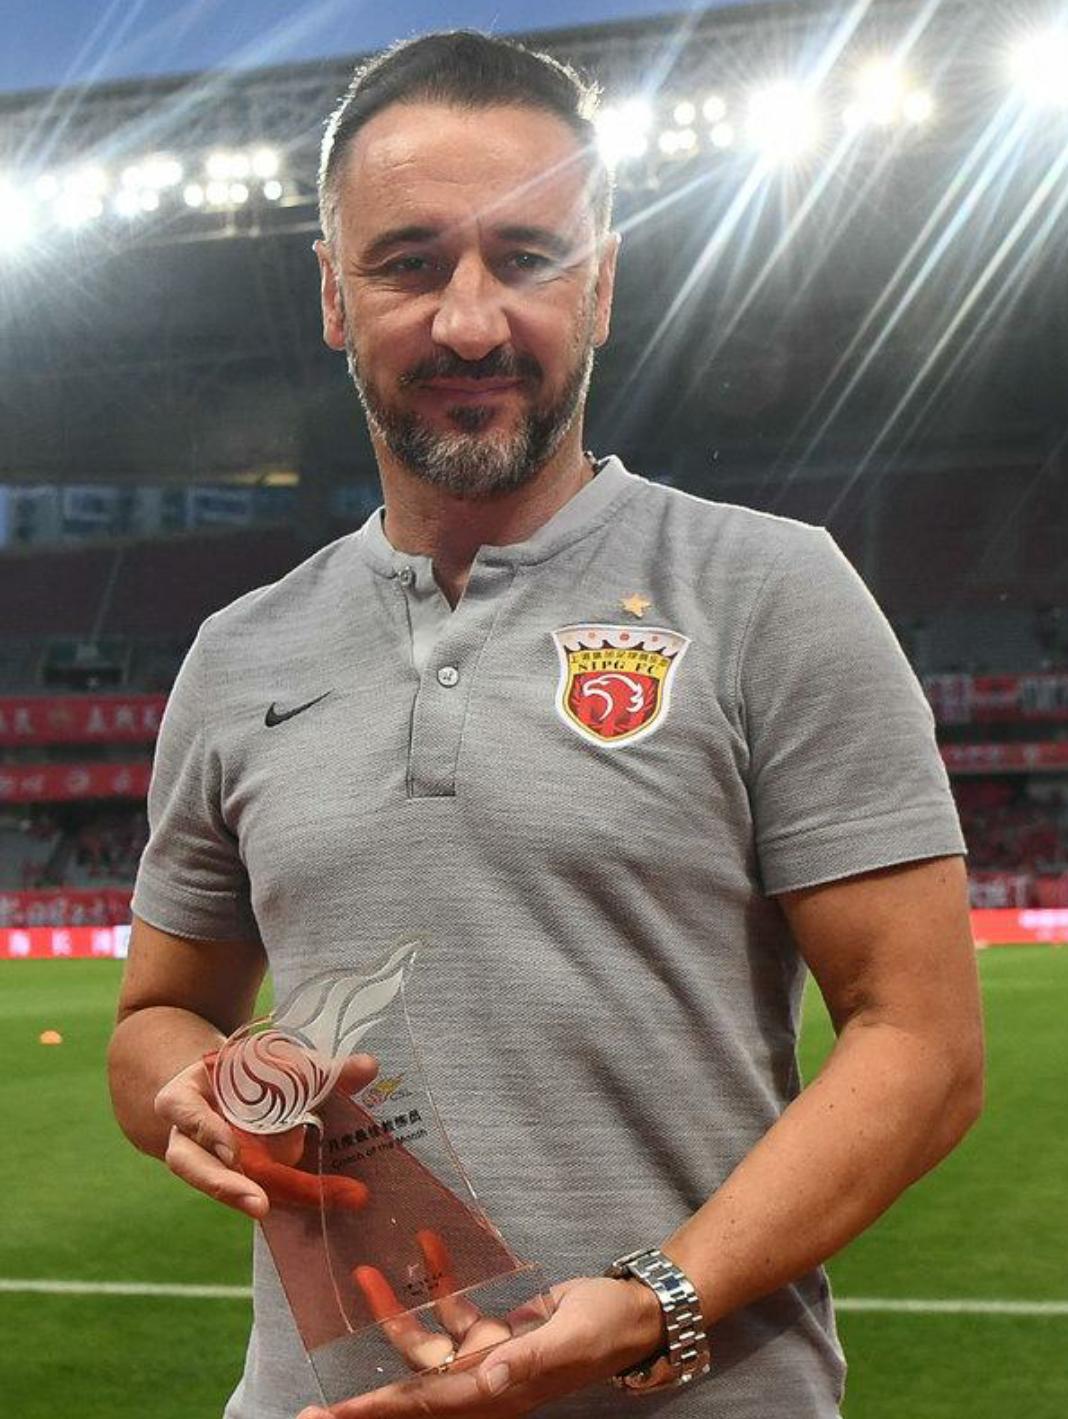 中超第13轮赛前朱广沪为上港主帅佩雷拉颁发五月份最佳教练奖杯